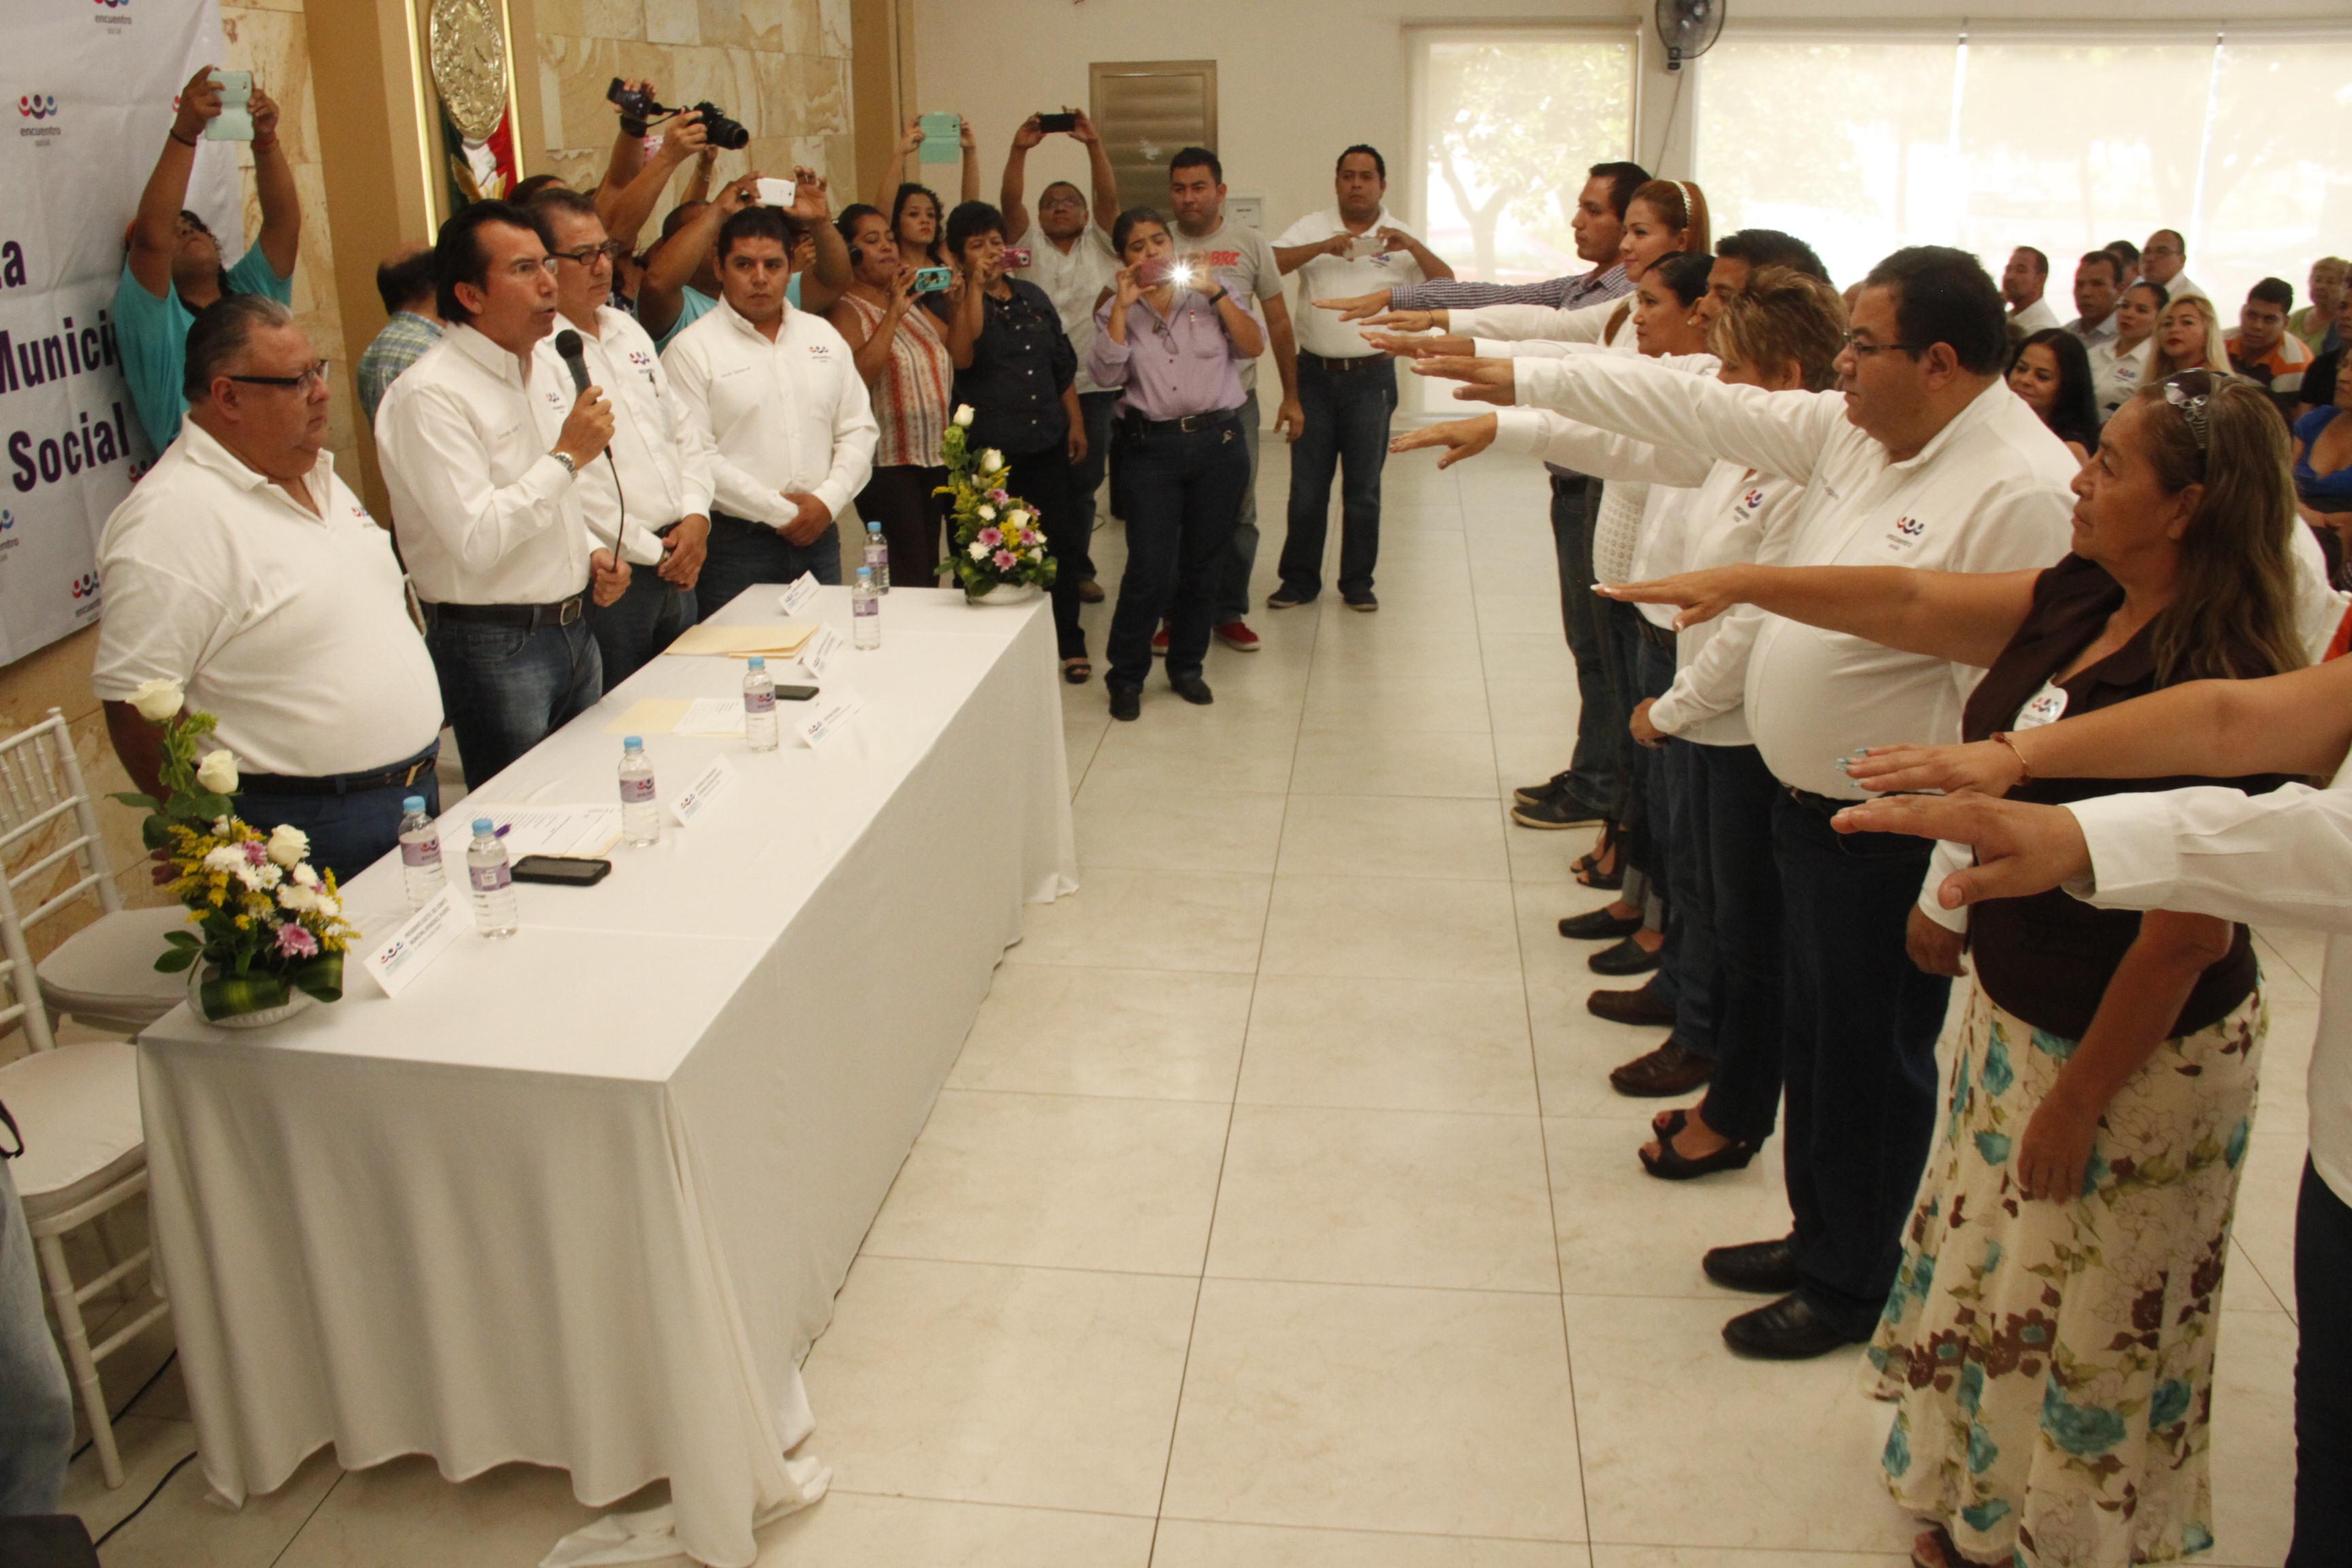 Veracruz, Ver., 4 de septiembre de 2015.- Gonzalo Gu�zar Valladares, dirigente estatal del Partido Encuentro Social, arrib� a la toma de protesta del Comit� Directivo Municipal del PES en este Puerto.